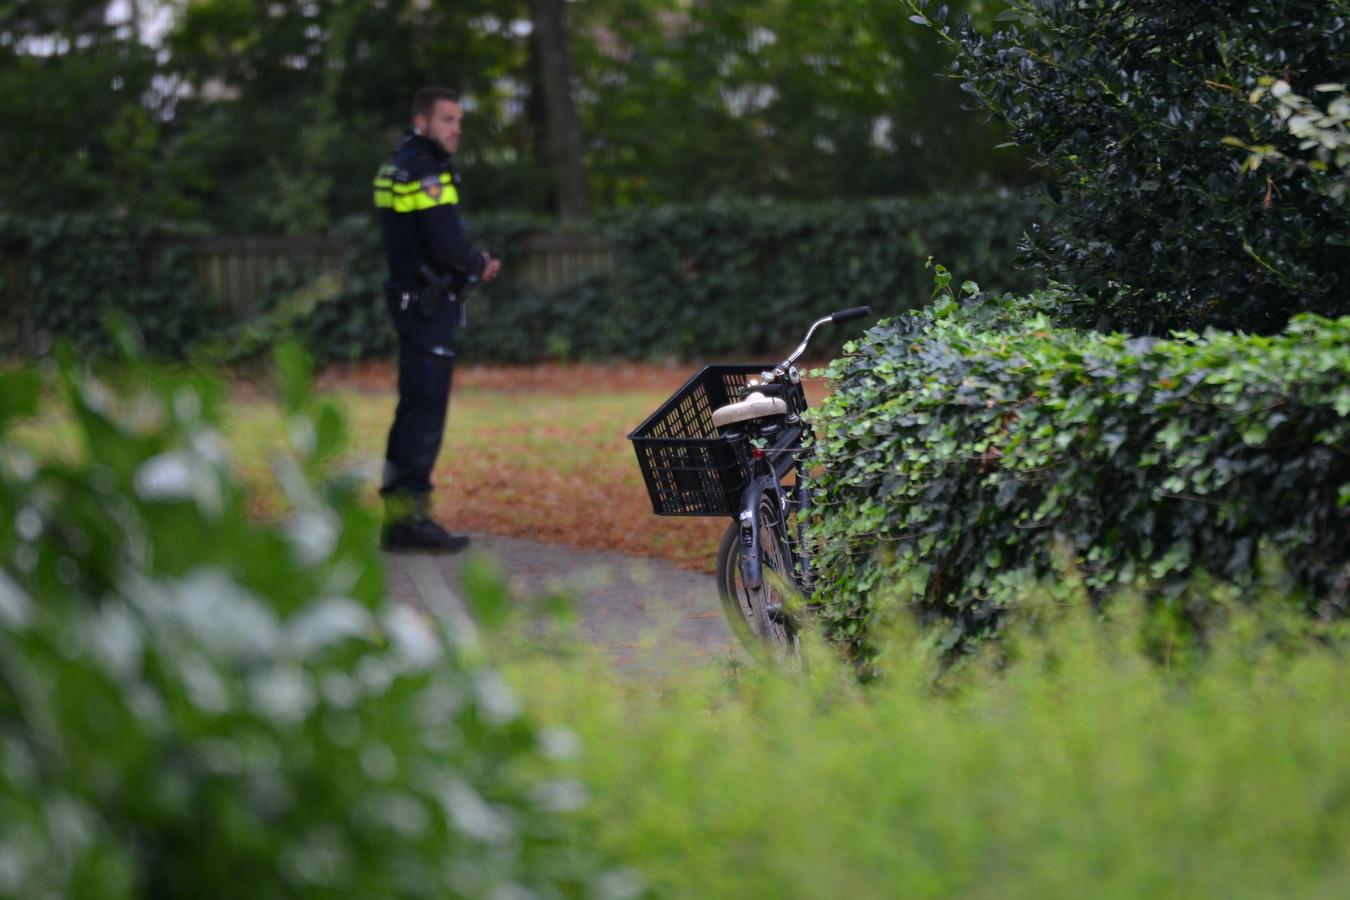 Bij het onderzoek naar de verkrachtingszaak in het Van Sonsbeeckpark in 2017 trof de politie onder meer een damesfiets en een kledingstuk in de bossen aan.